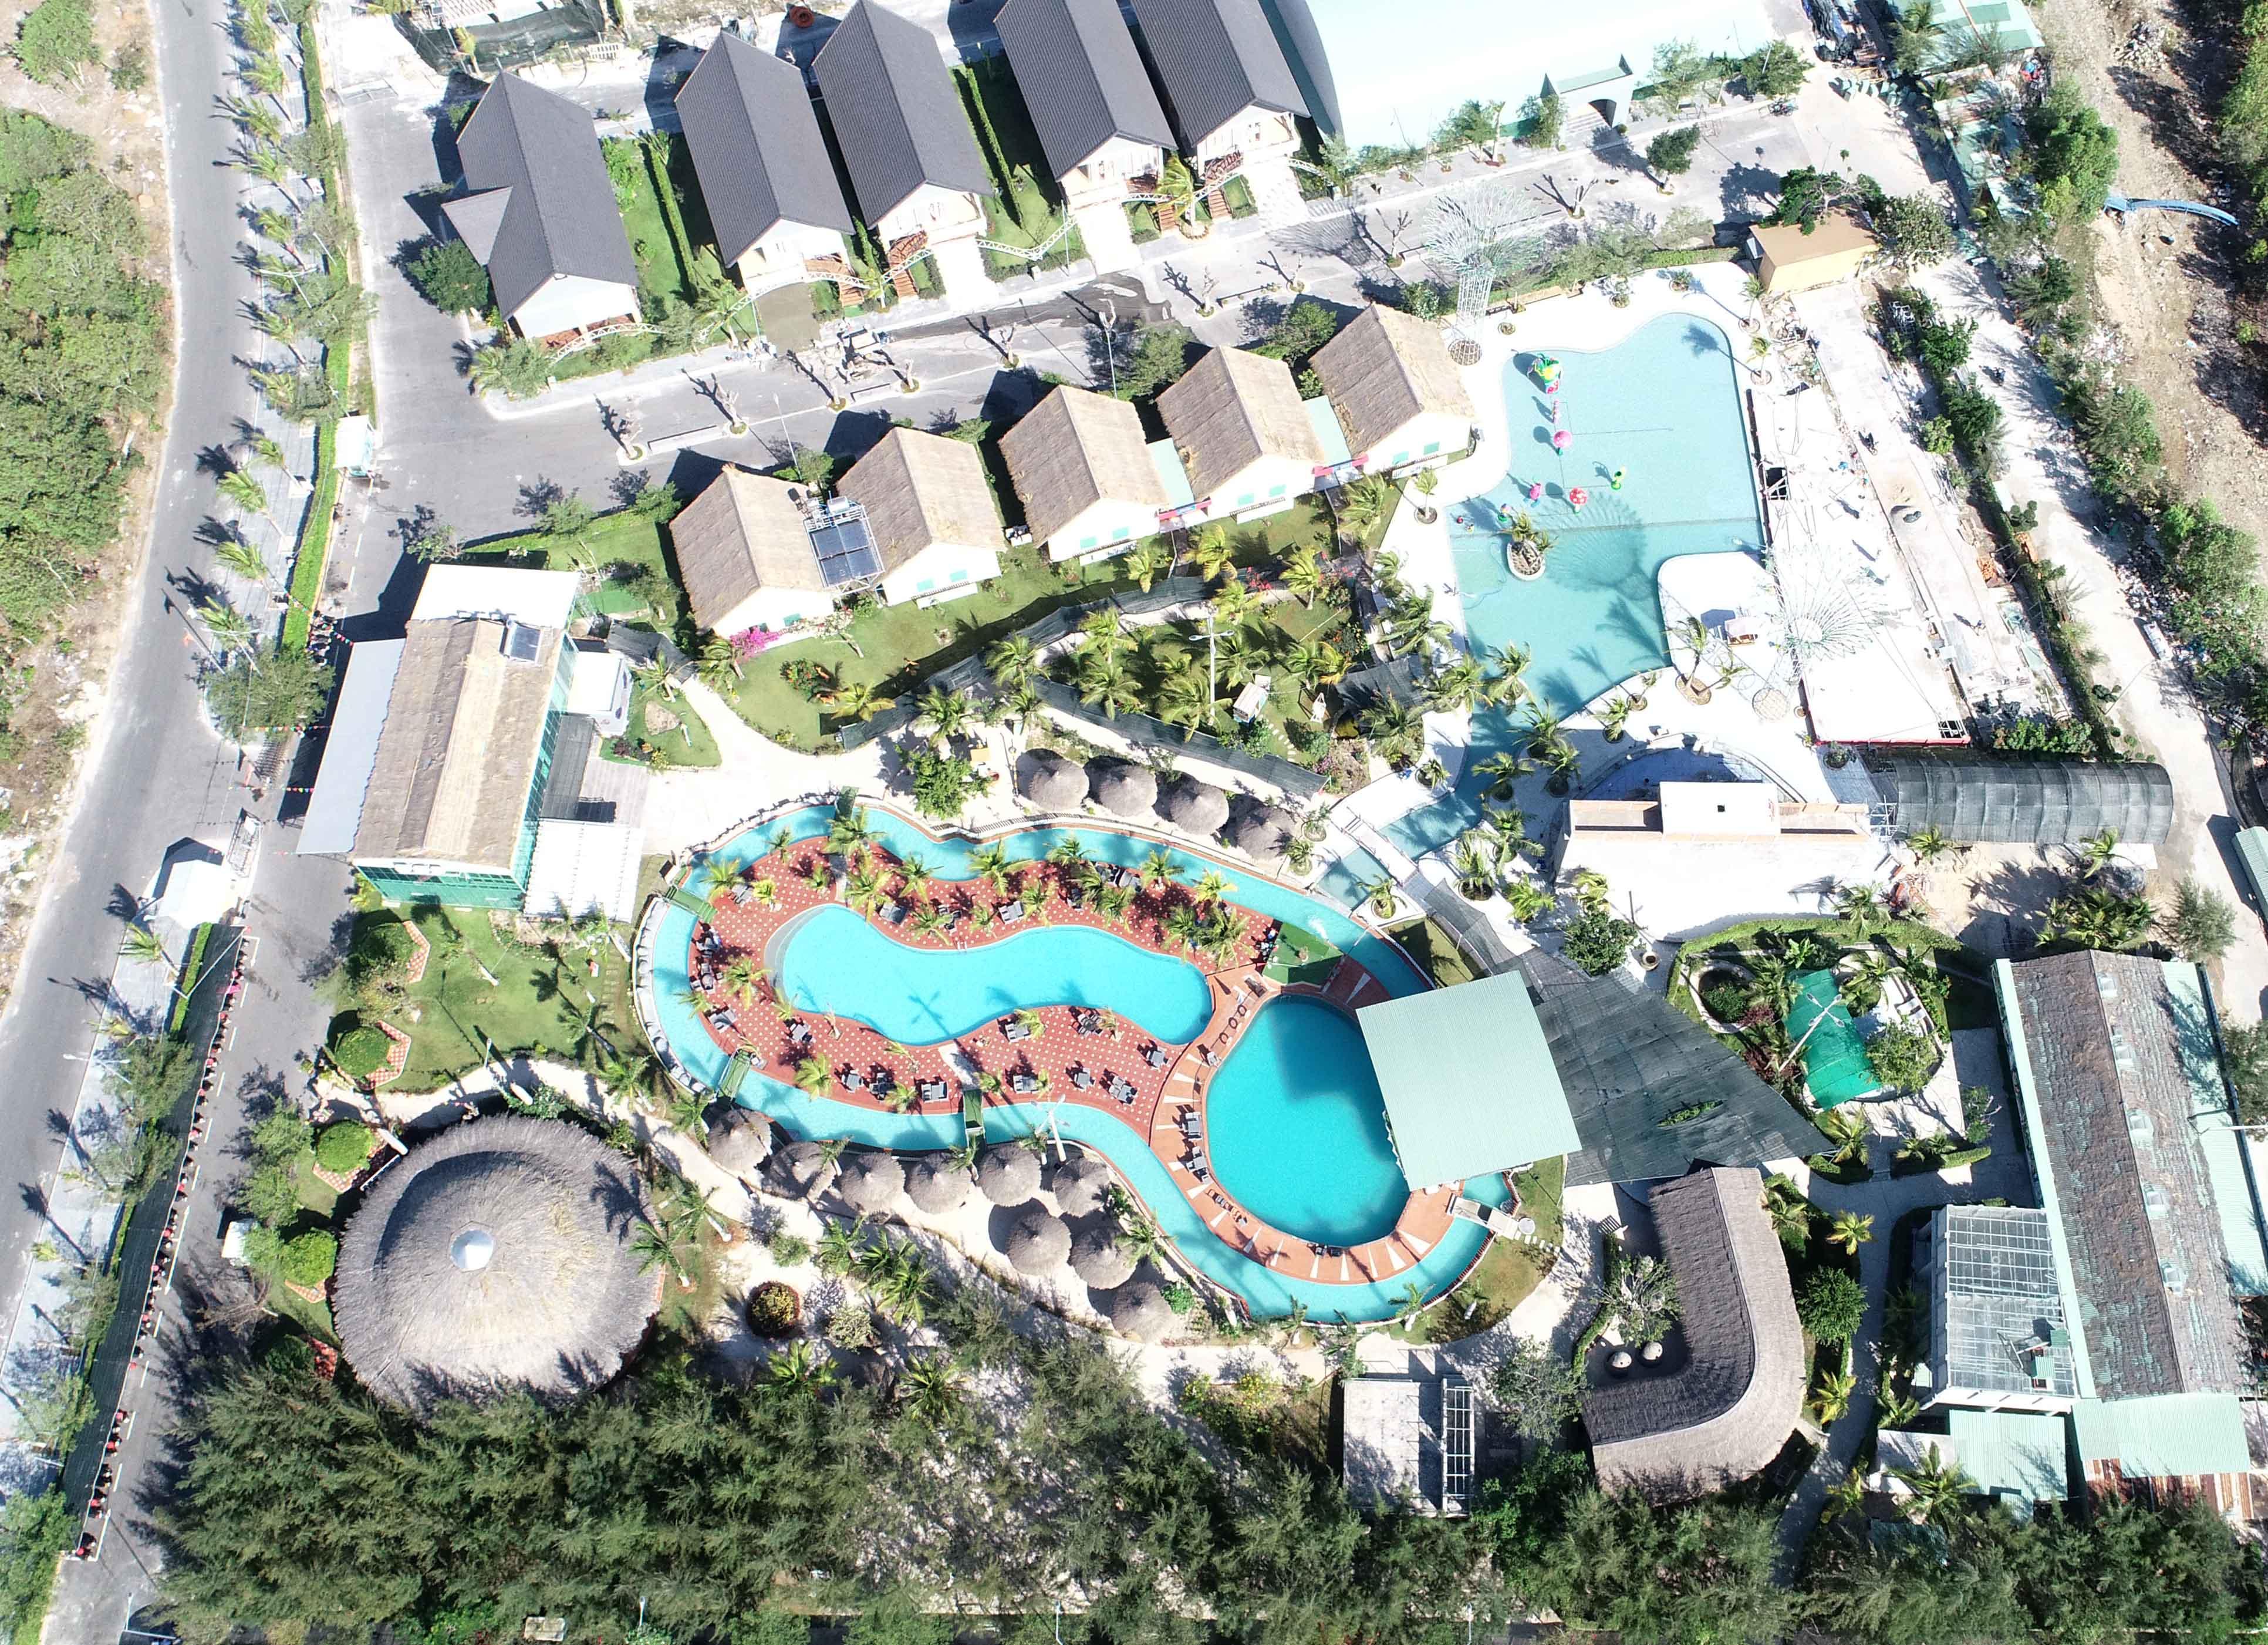 BIỆT THỰ ECO BANGKOK VILLAS BÌNH CHÂU: Tài sản nghỉ dưỡng tầm cỡ tại thủ phủ du lịch Hồ Tràm - Bình Châu  - Ảnh 2